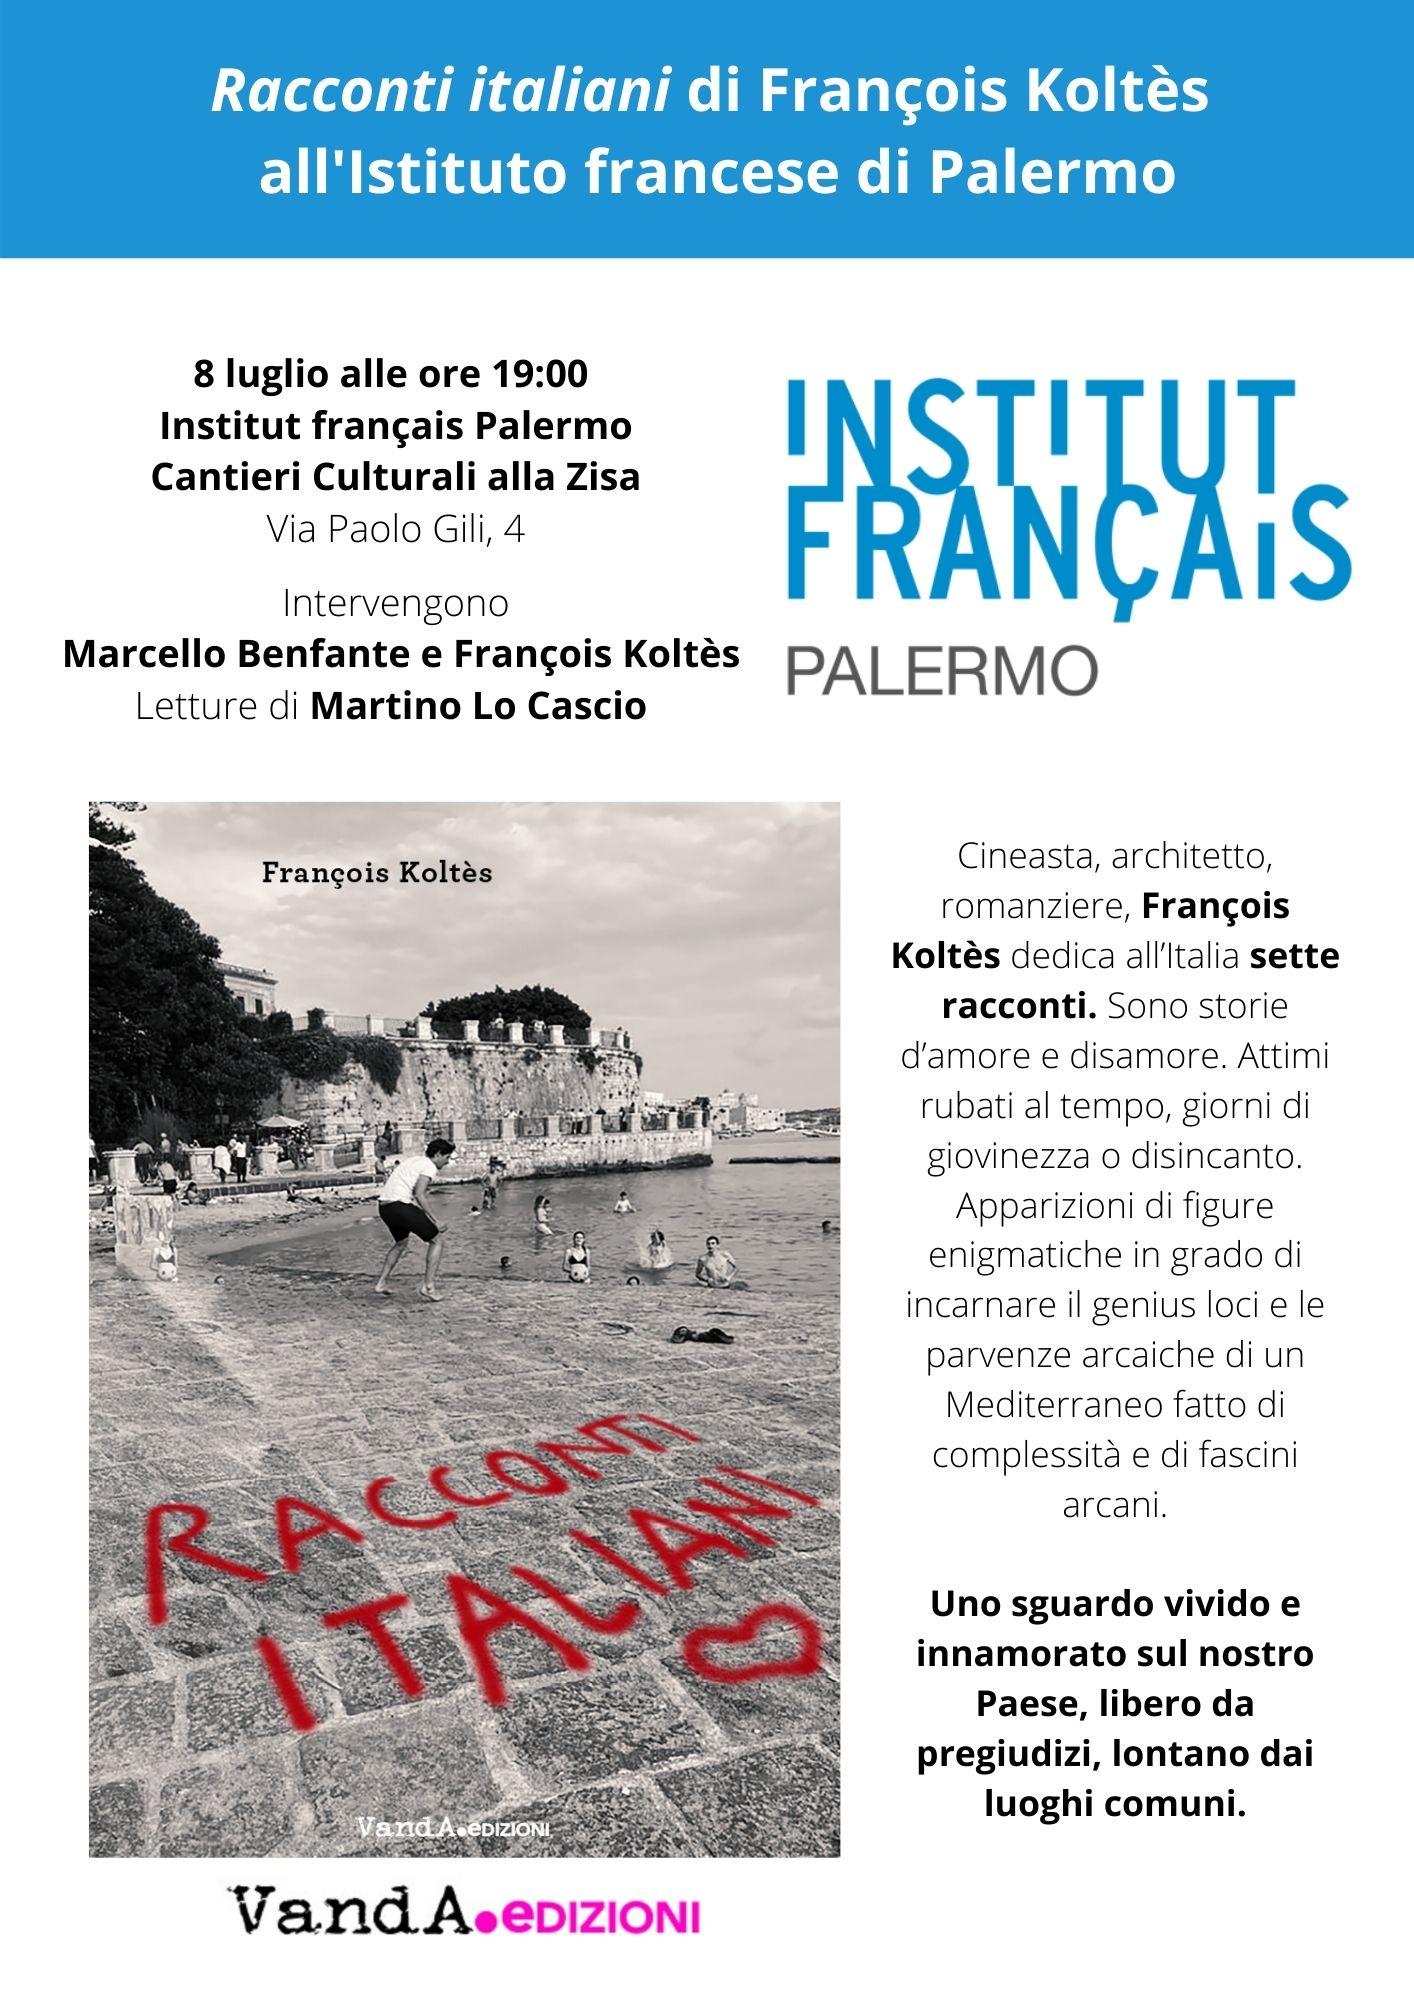 """Presentazione di """"Racconti italiani"""" all'Istituto francese di Palermo"""